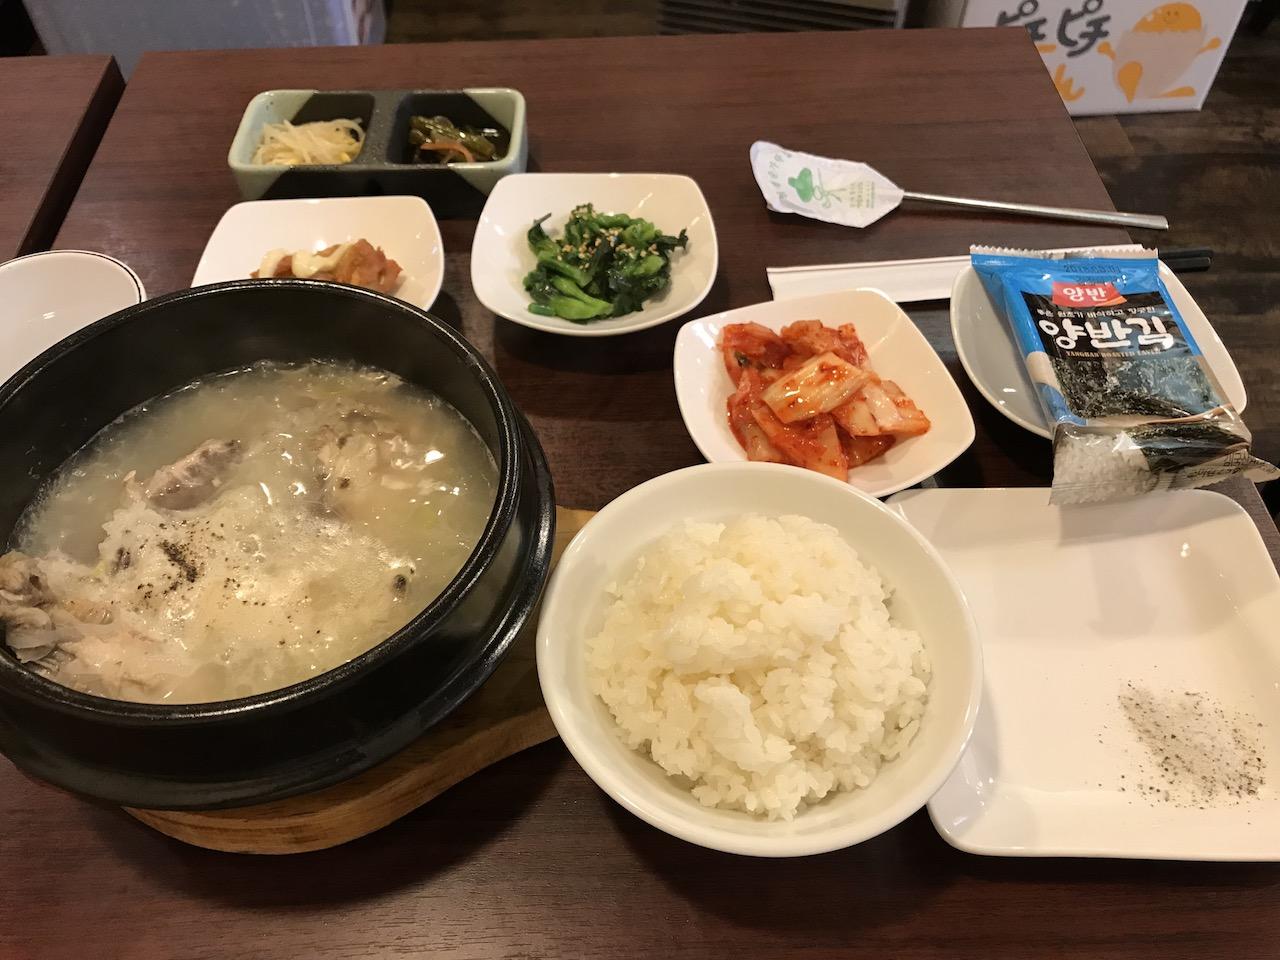 【韓国料理・とりちゃん@東日本】参鶏湯(サムゲタン)の優しい味に癒されてみませんか?